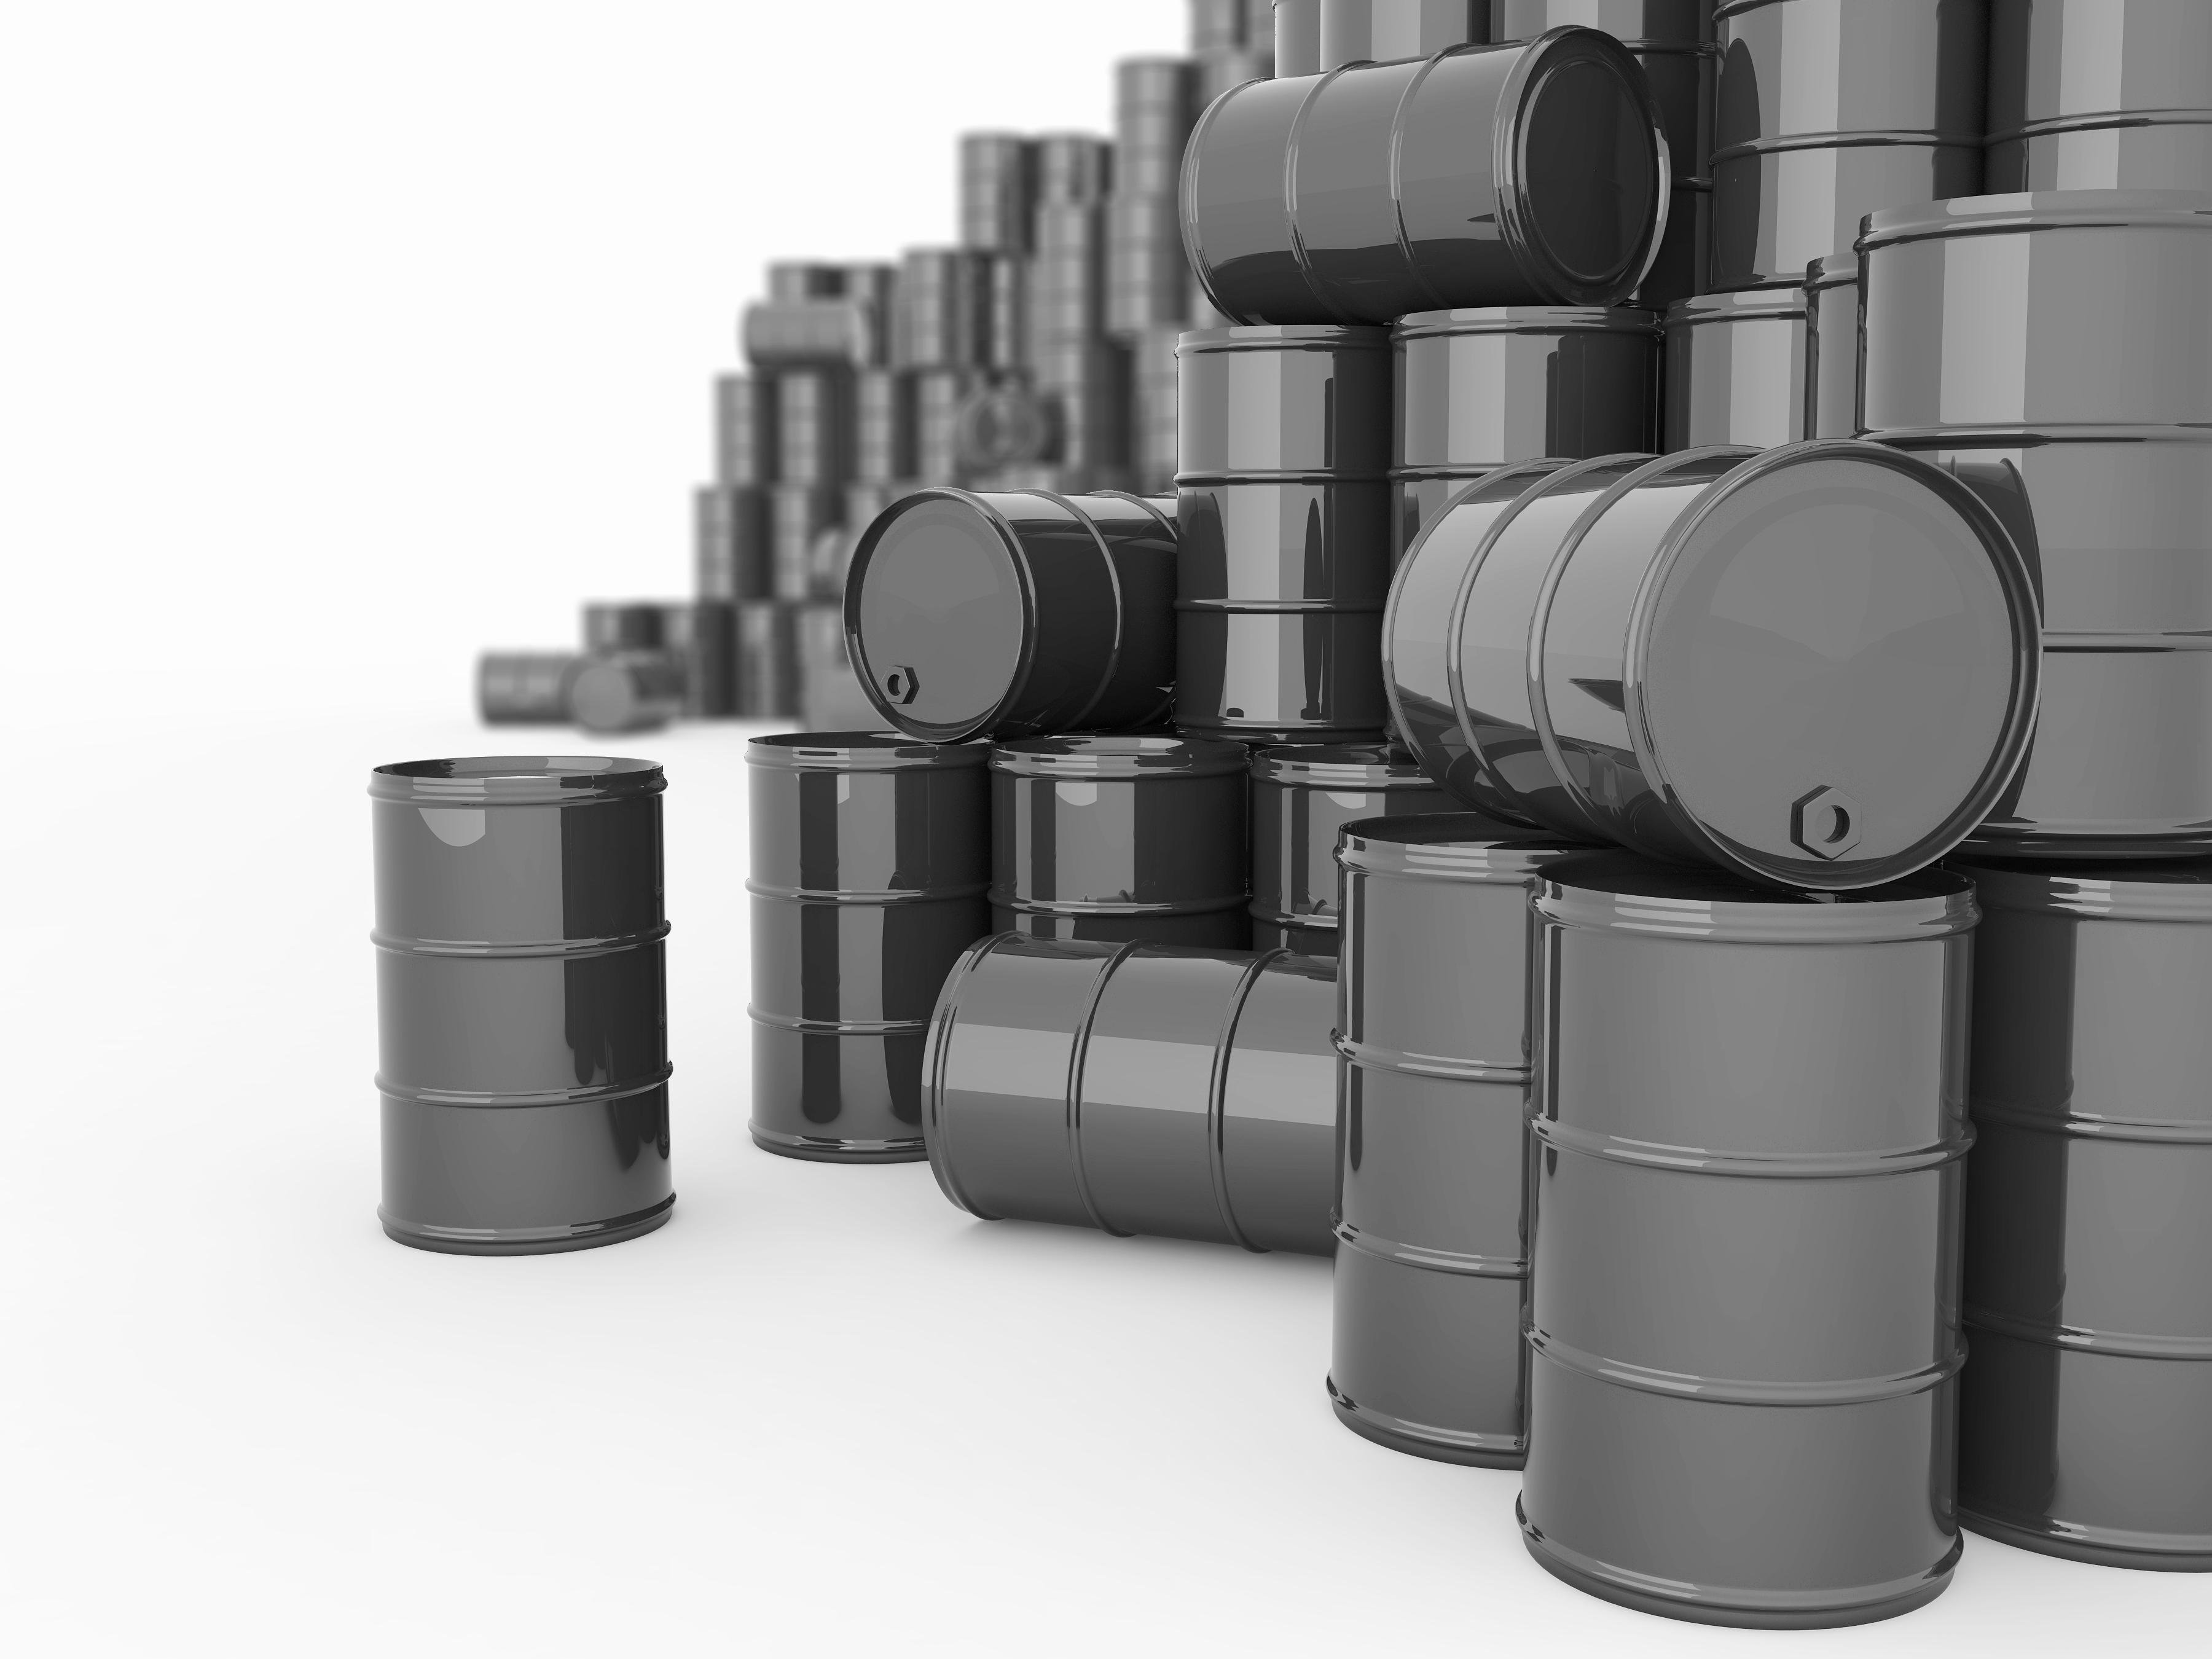 ABŞ-da xam neft ehtiyatlarının həcmi kəskin artıb